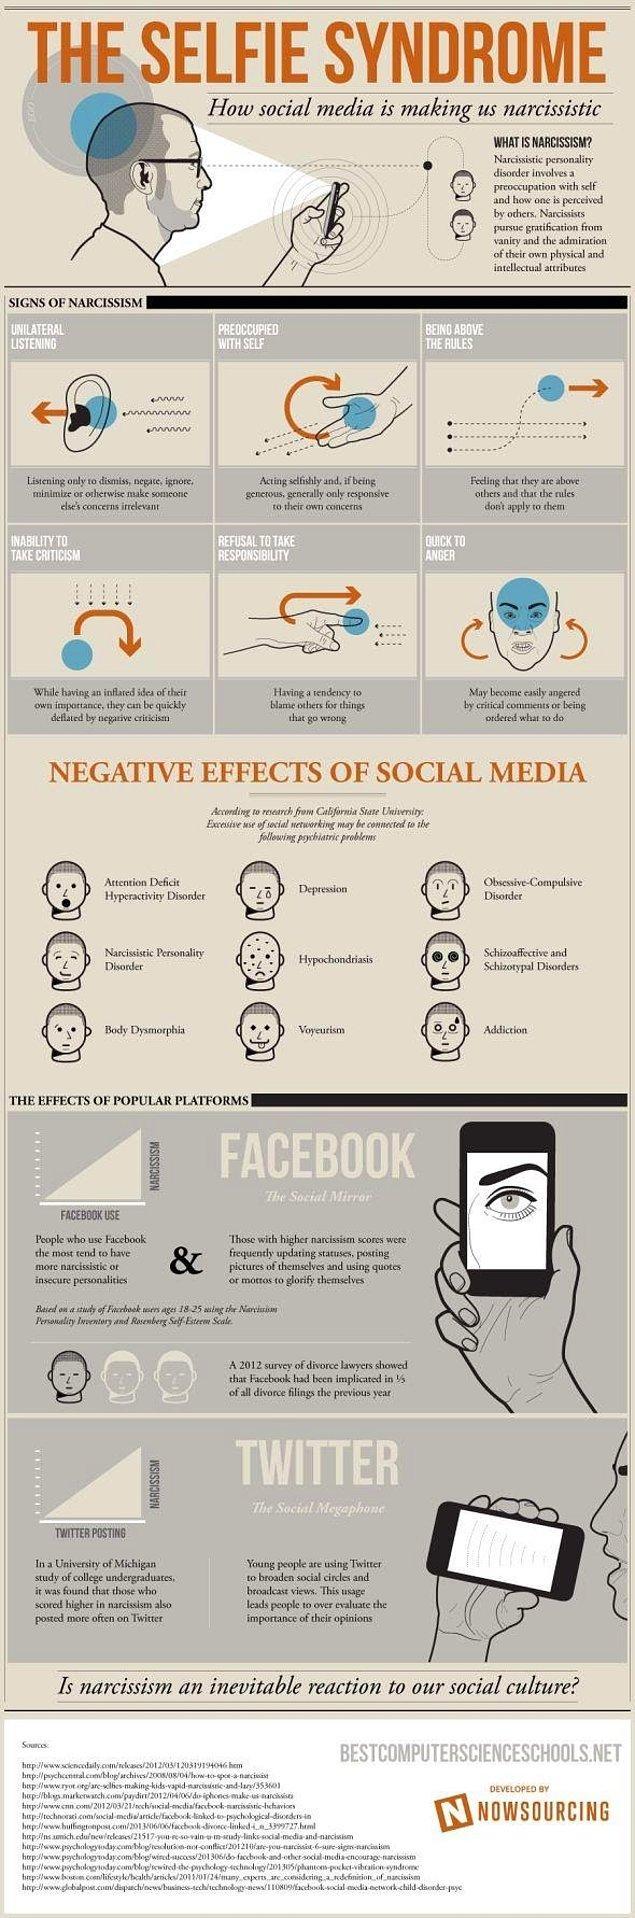 Sosyal paylaşım ve narsisizm tehlikesi